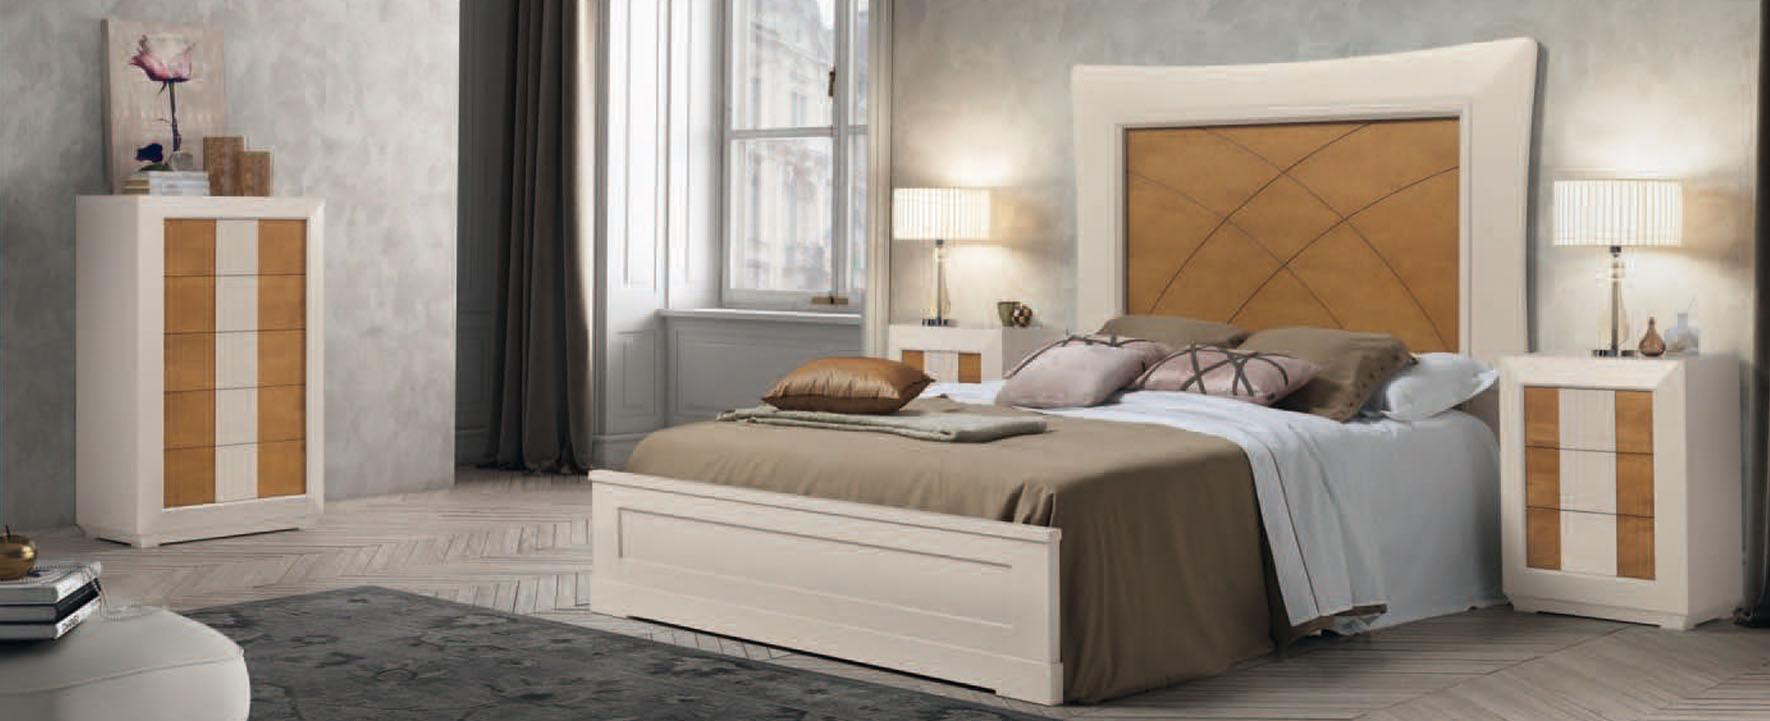 Muebles mu oz su tienda de muebles en madrid y toledo muebles de estilo comprar muebles - Muebles en yuncos ...